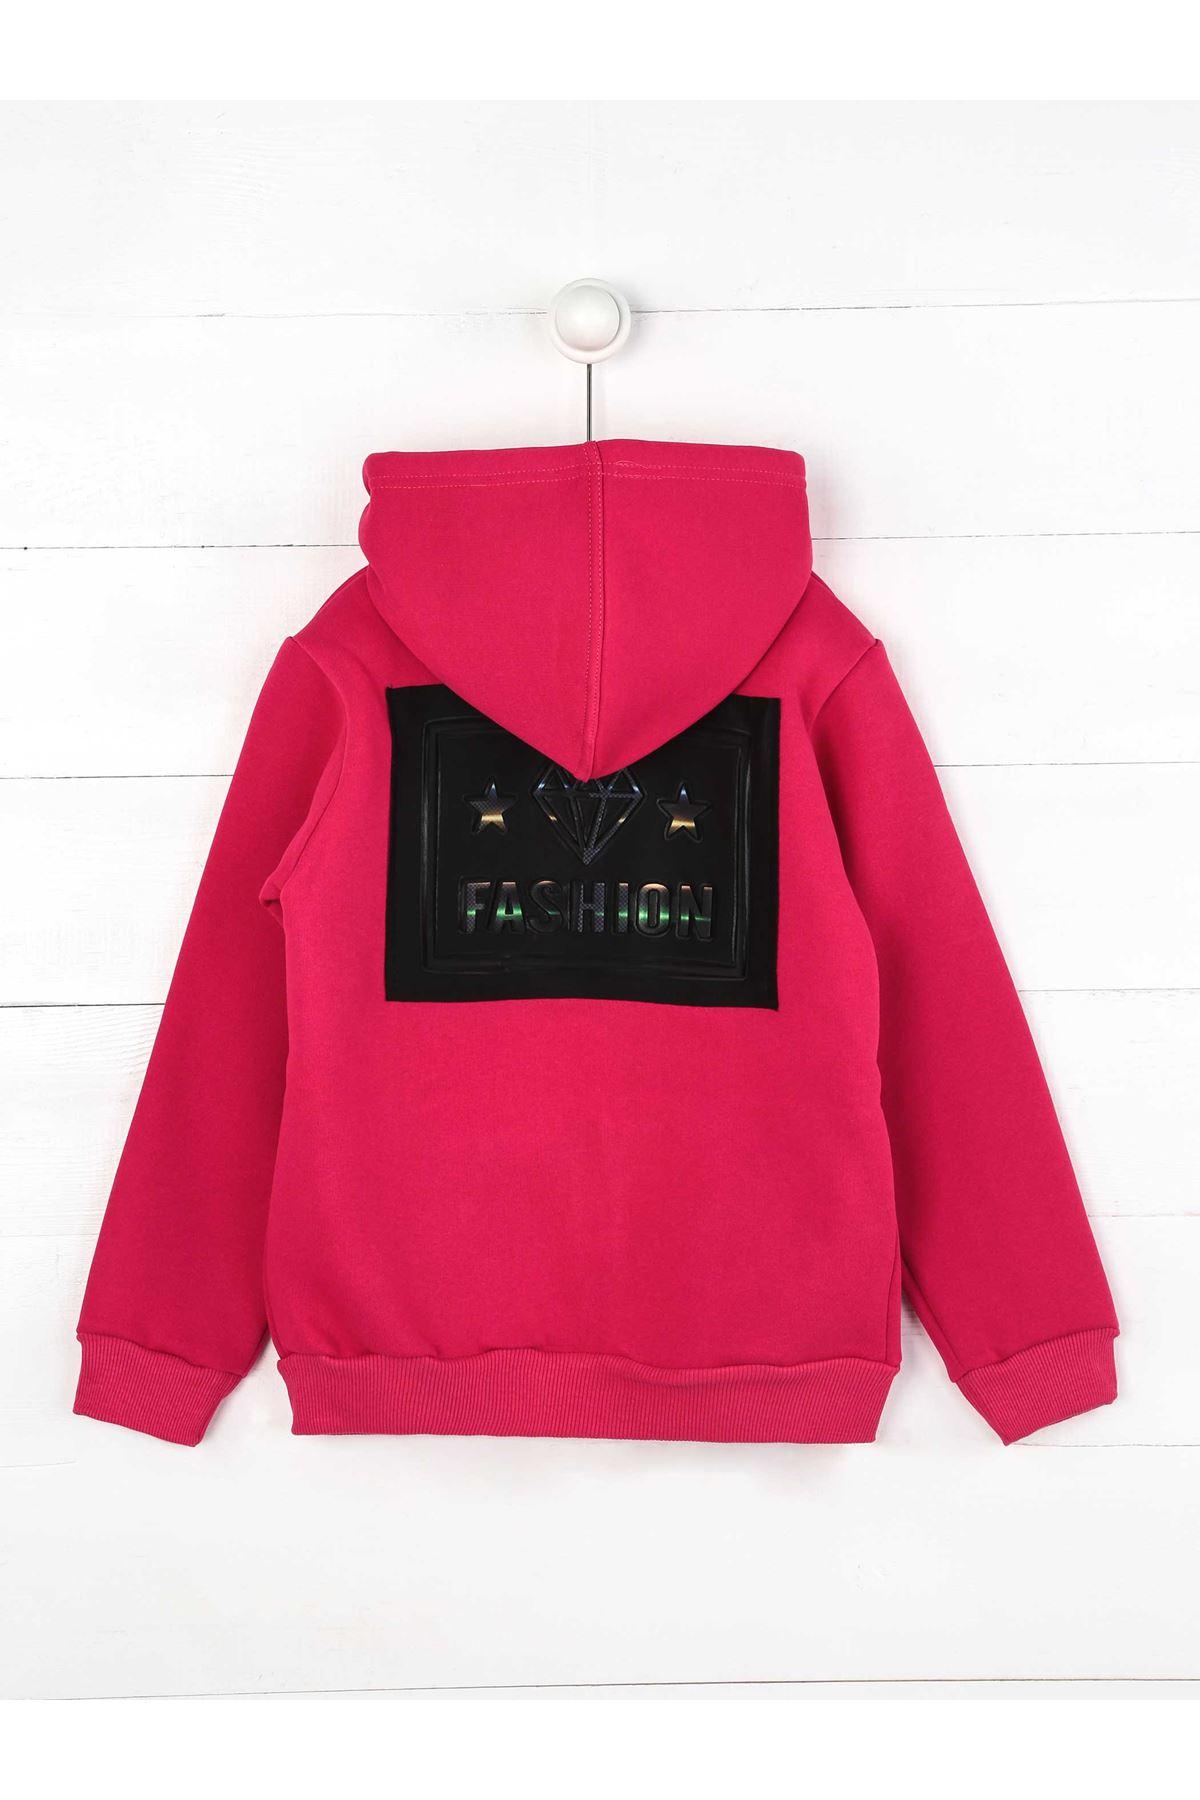 Mürdüm Kışlık Kapüşonlu  Kız Çocuk Sweatshirt